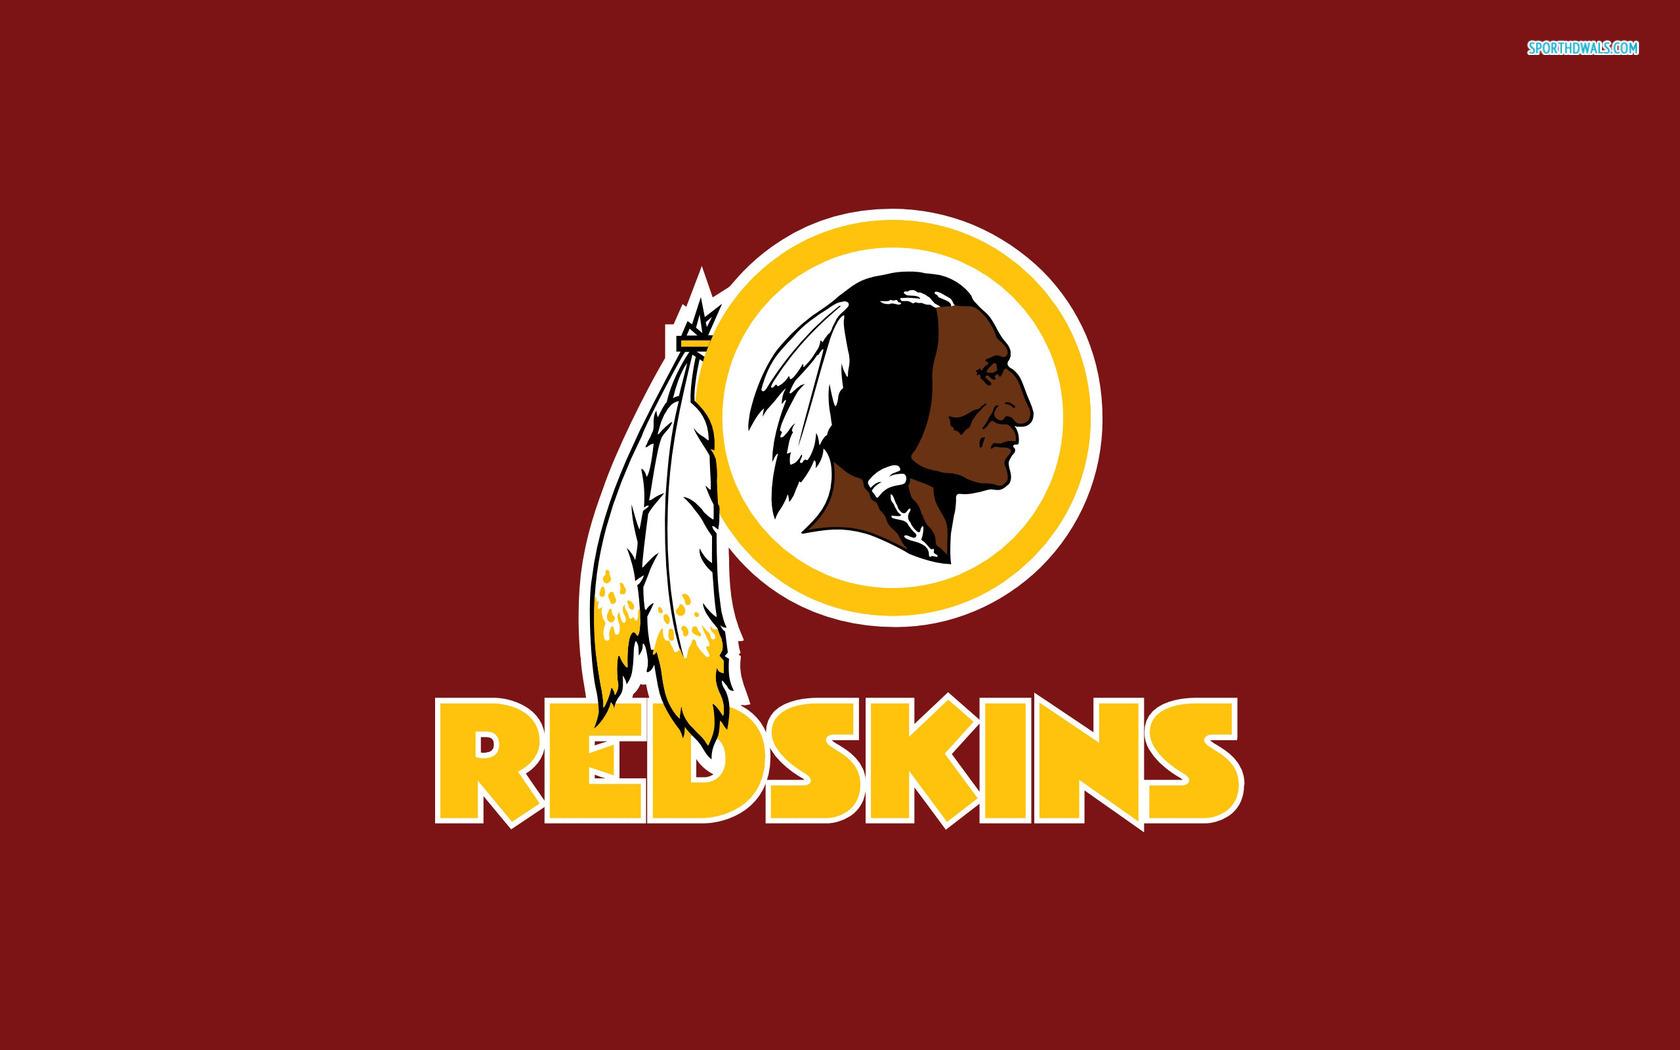 Washington Redskins HD background · More Washington Redskins wallpapers